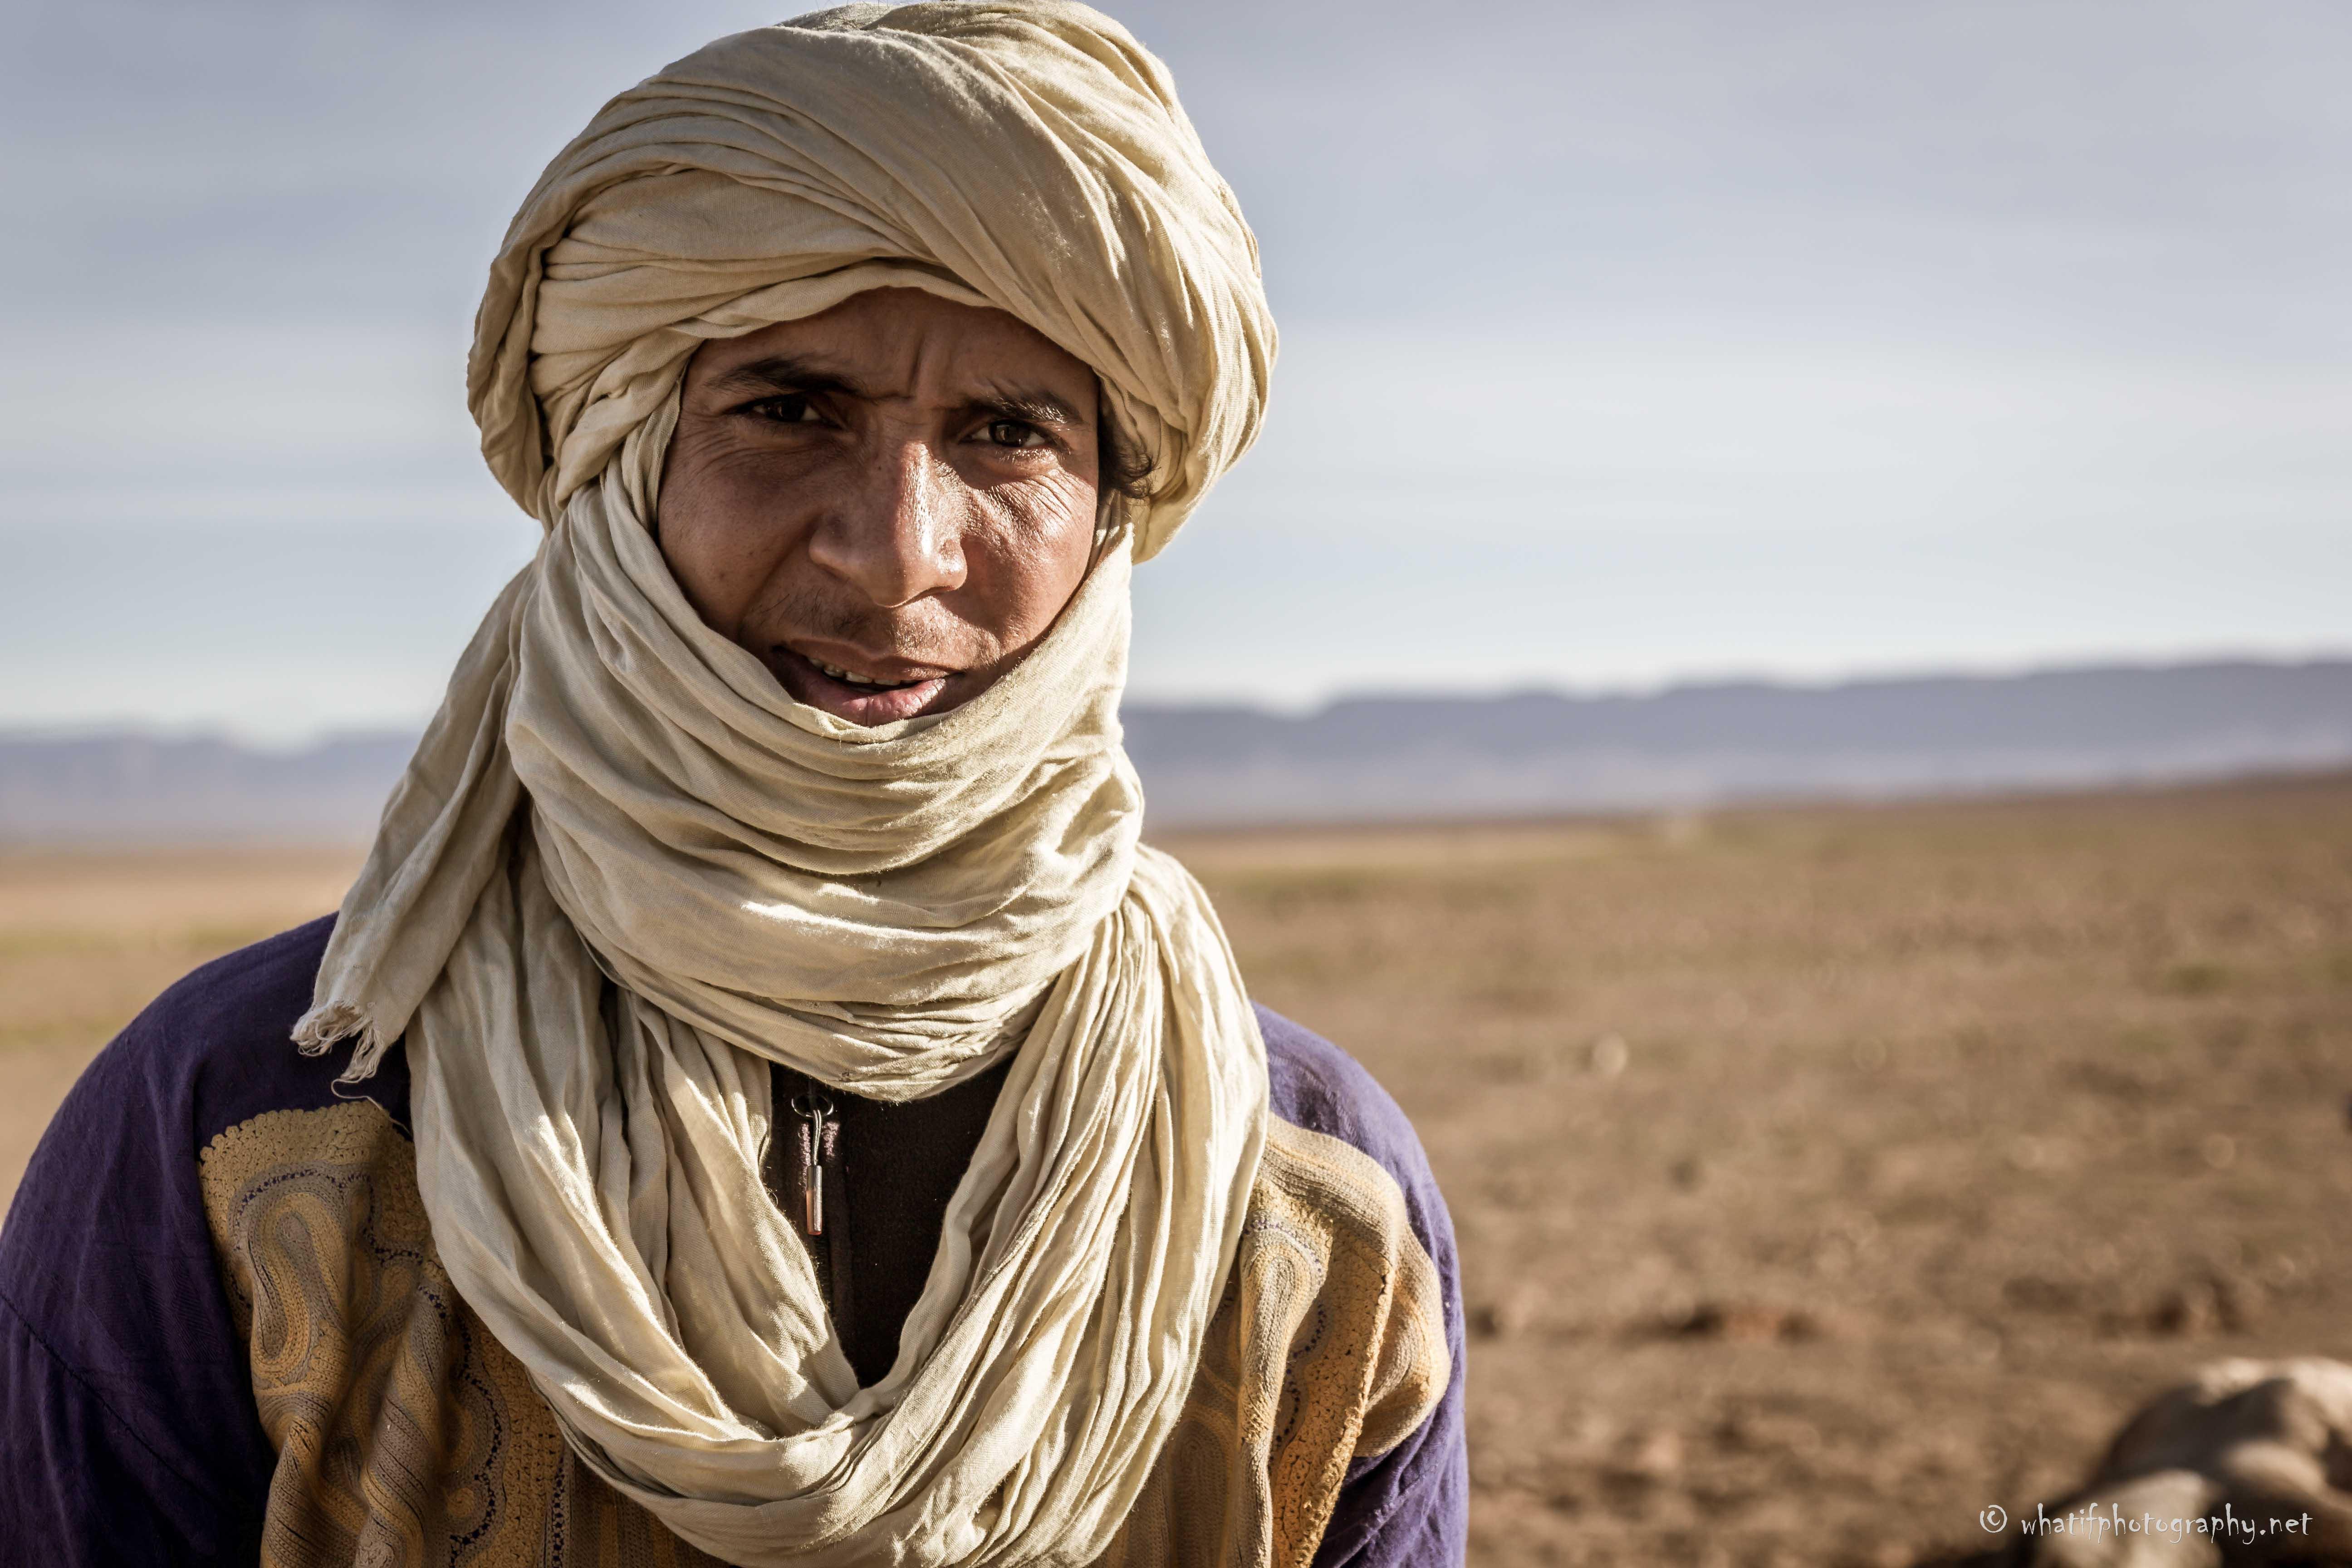 Berber from Zagora